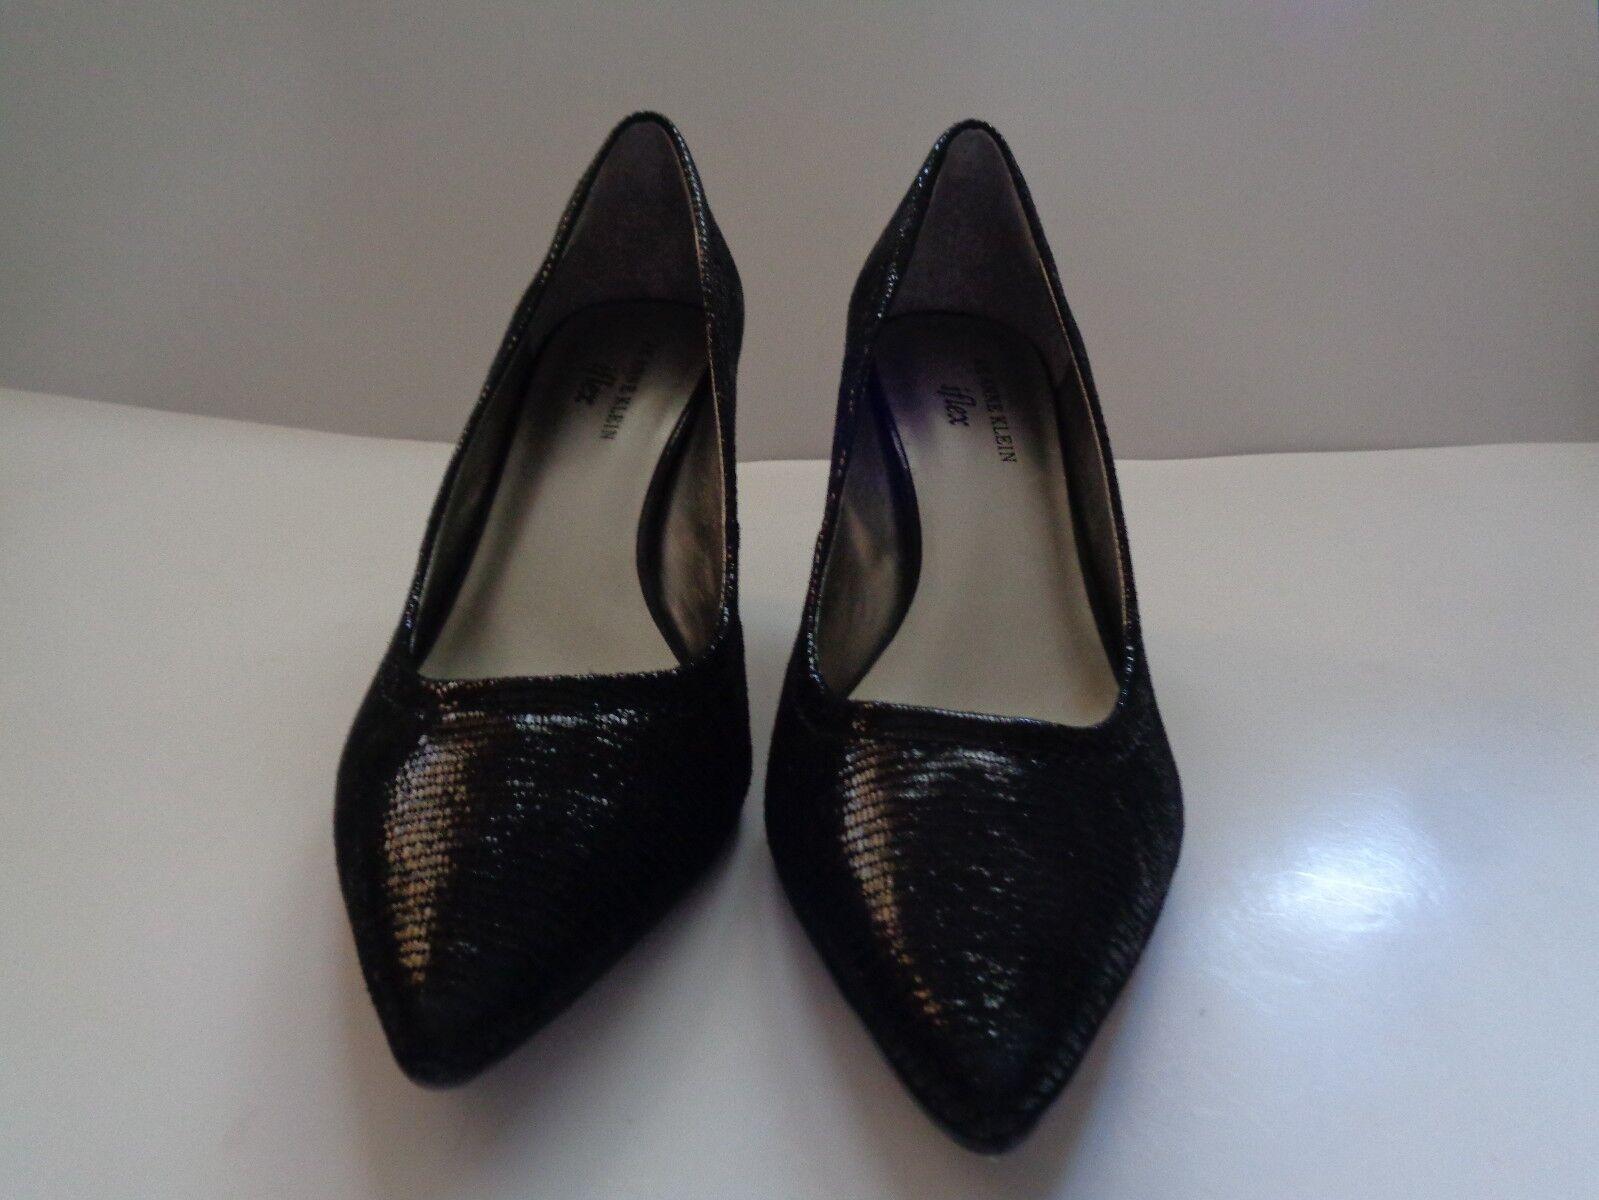 """New Anne Klein Iflex Black Cakewalk High Heels 3 1/2"""" Women's Shoes Size 9M"""